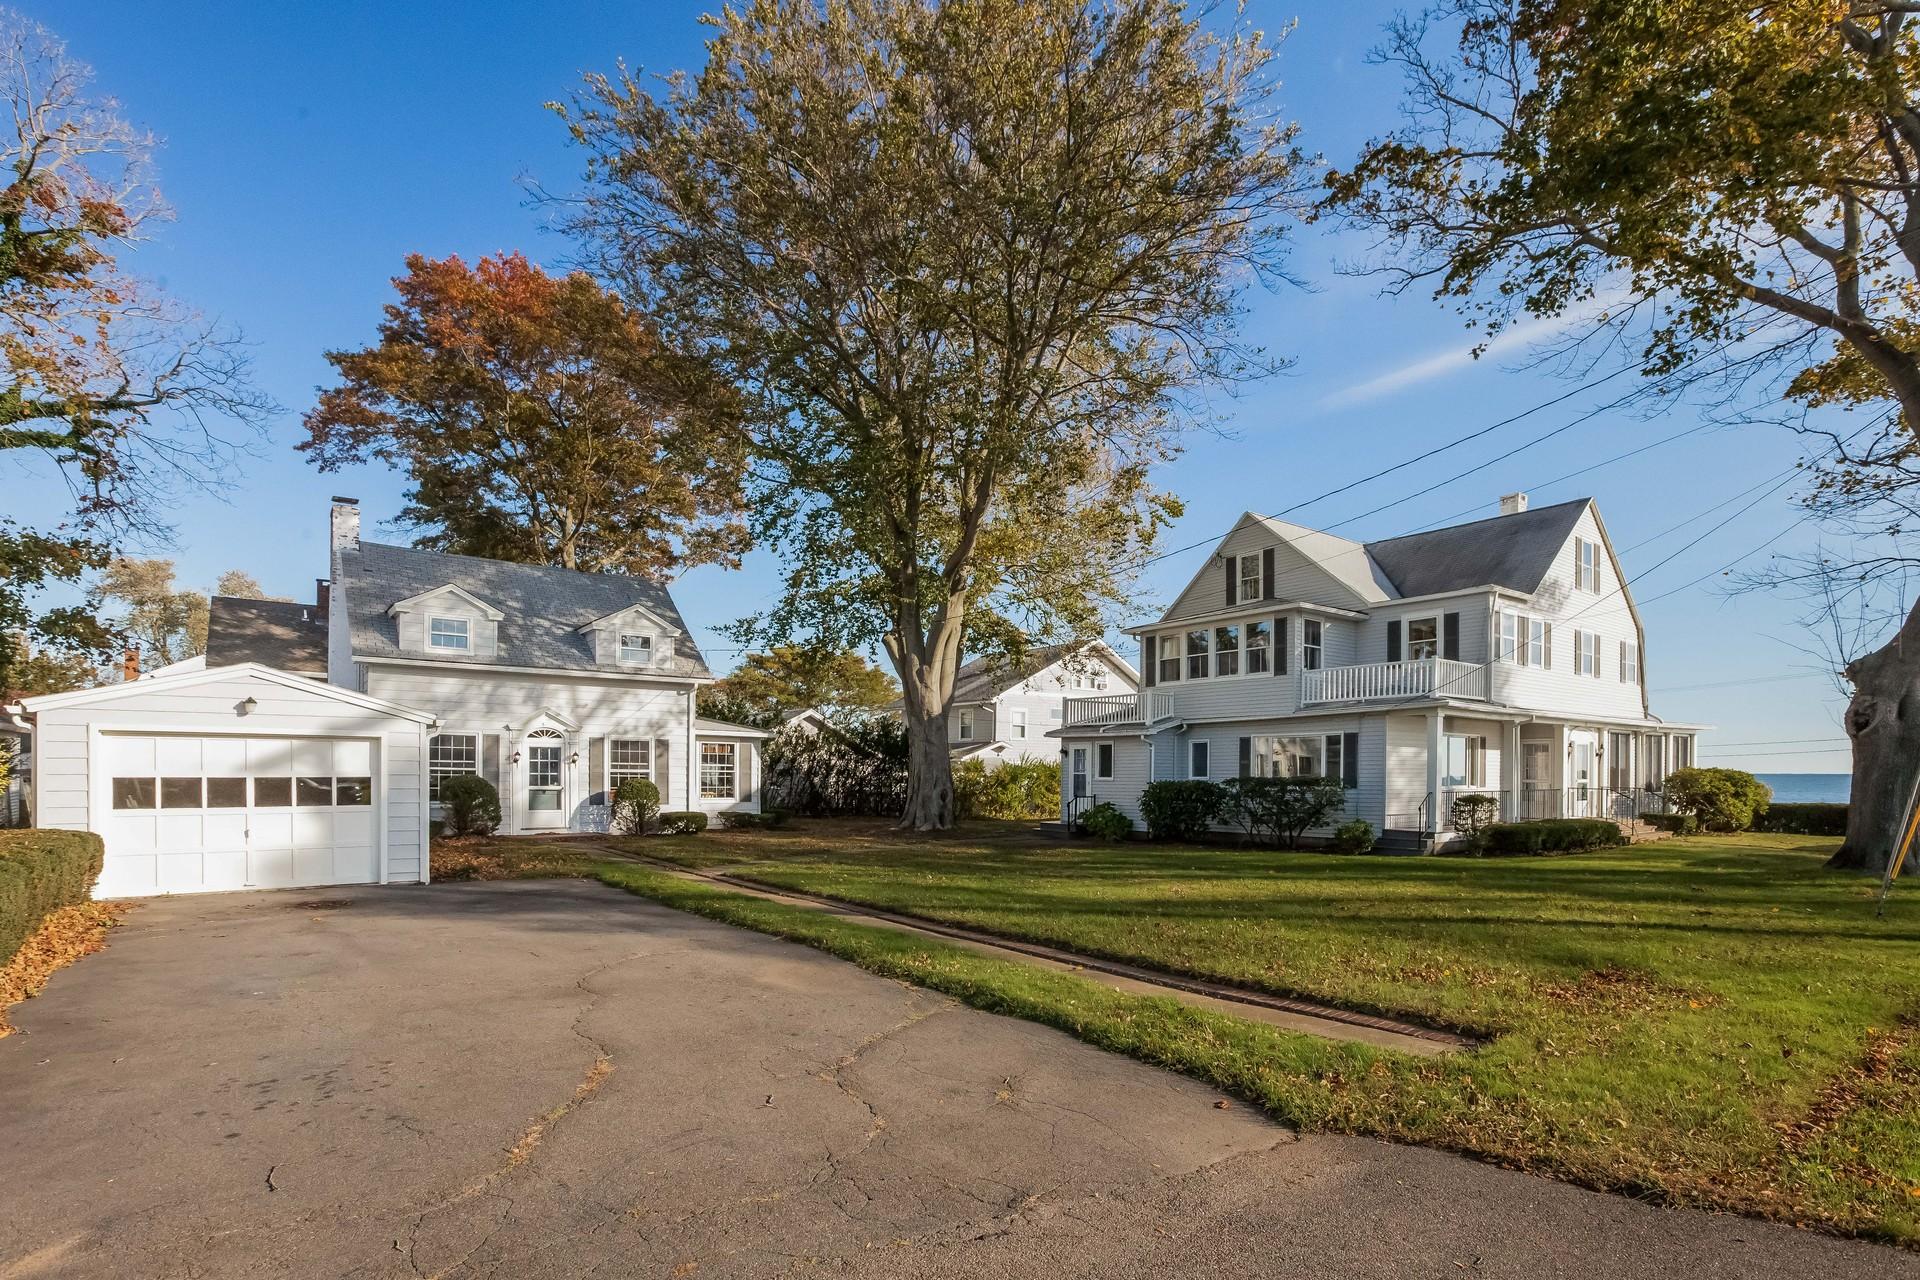 Maison unifamiliale pour l Vente à 67 Seaview Ave Madison, Connecticut 06443 États-Unis